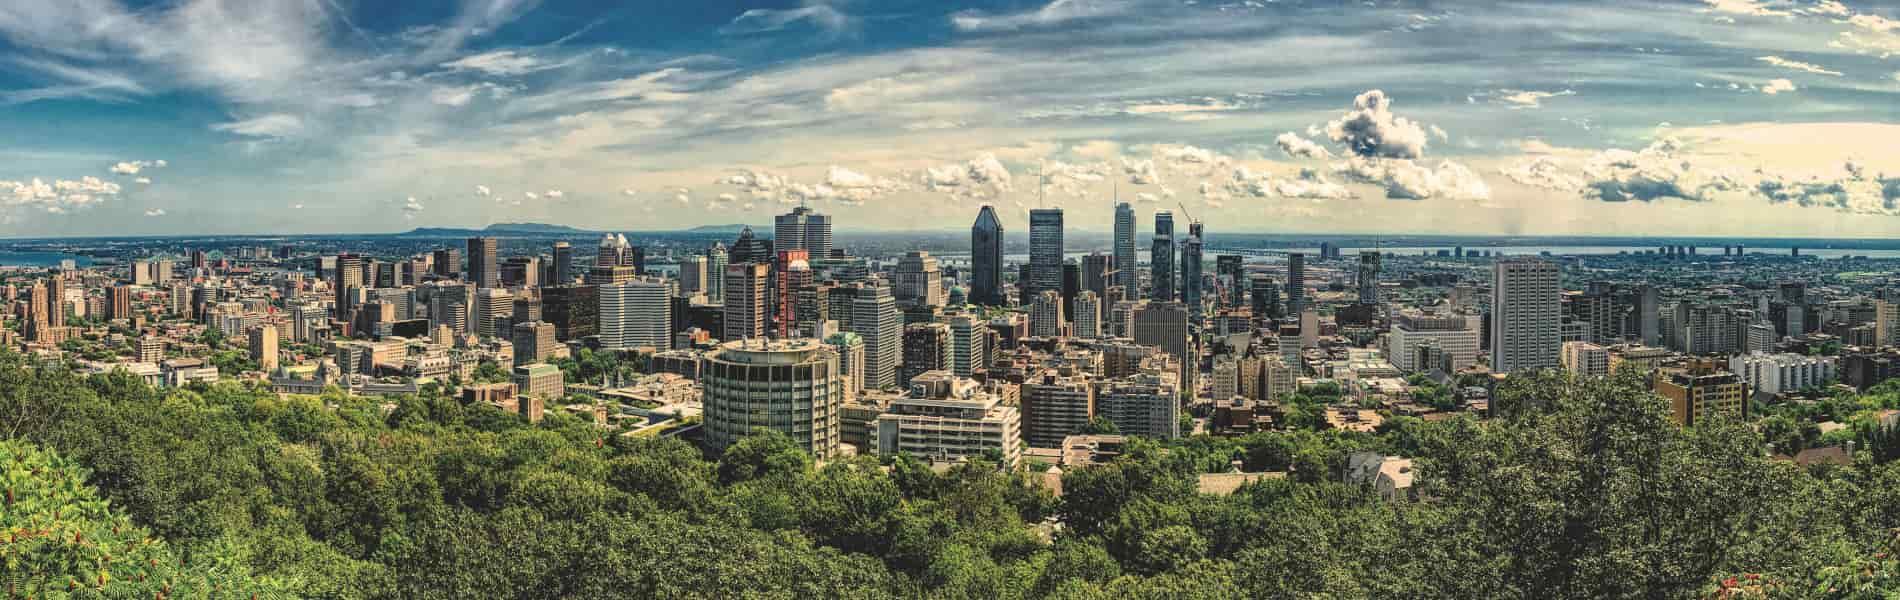 Panoramique Montréal | Matthias Mullie | Hébergement WordPress Montréal